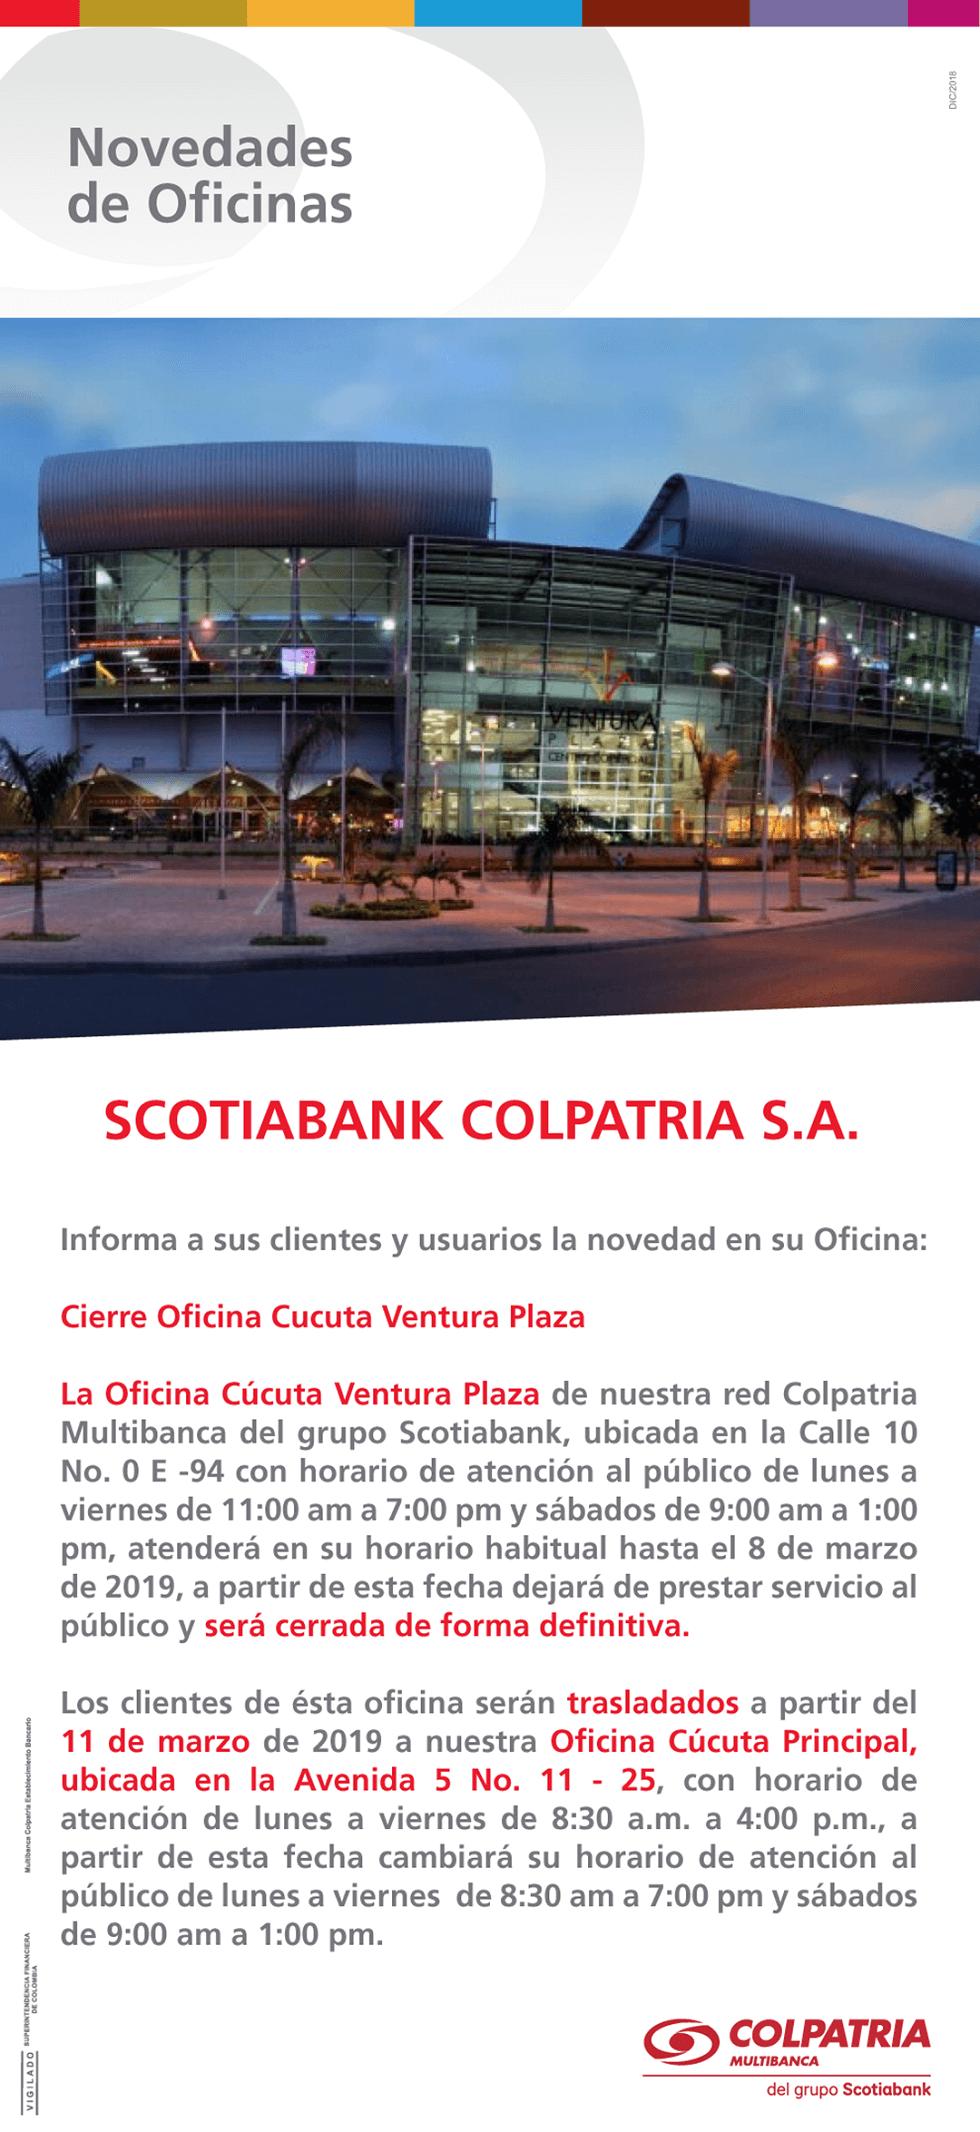 Cierre oficina Cúcuta Ventura Plaza